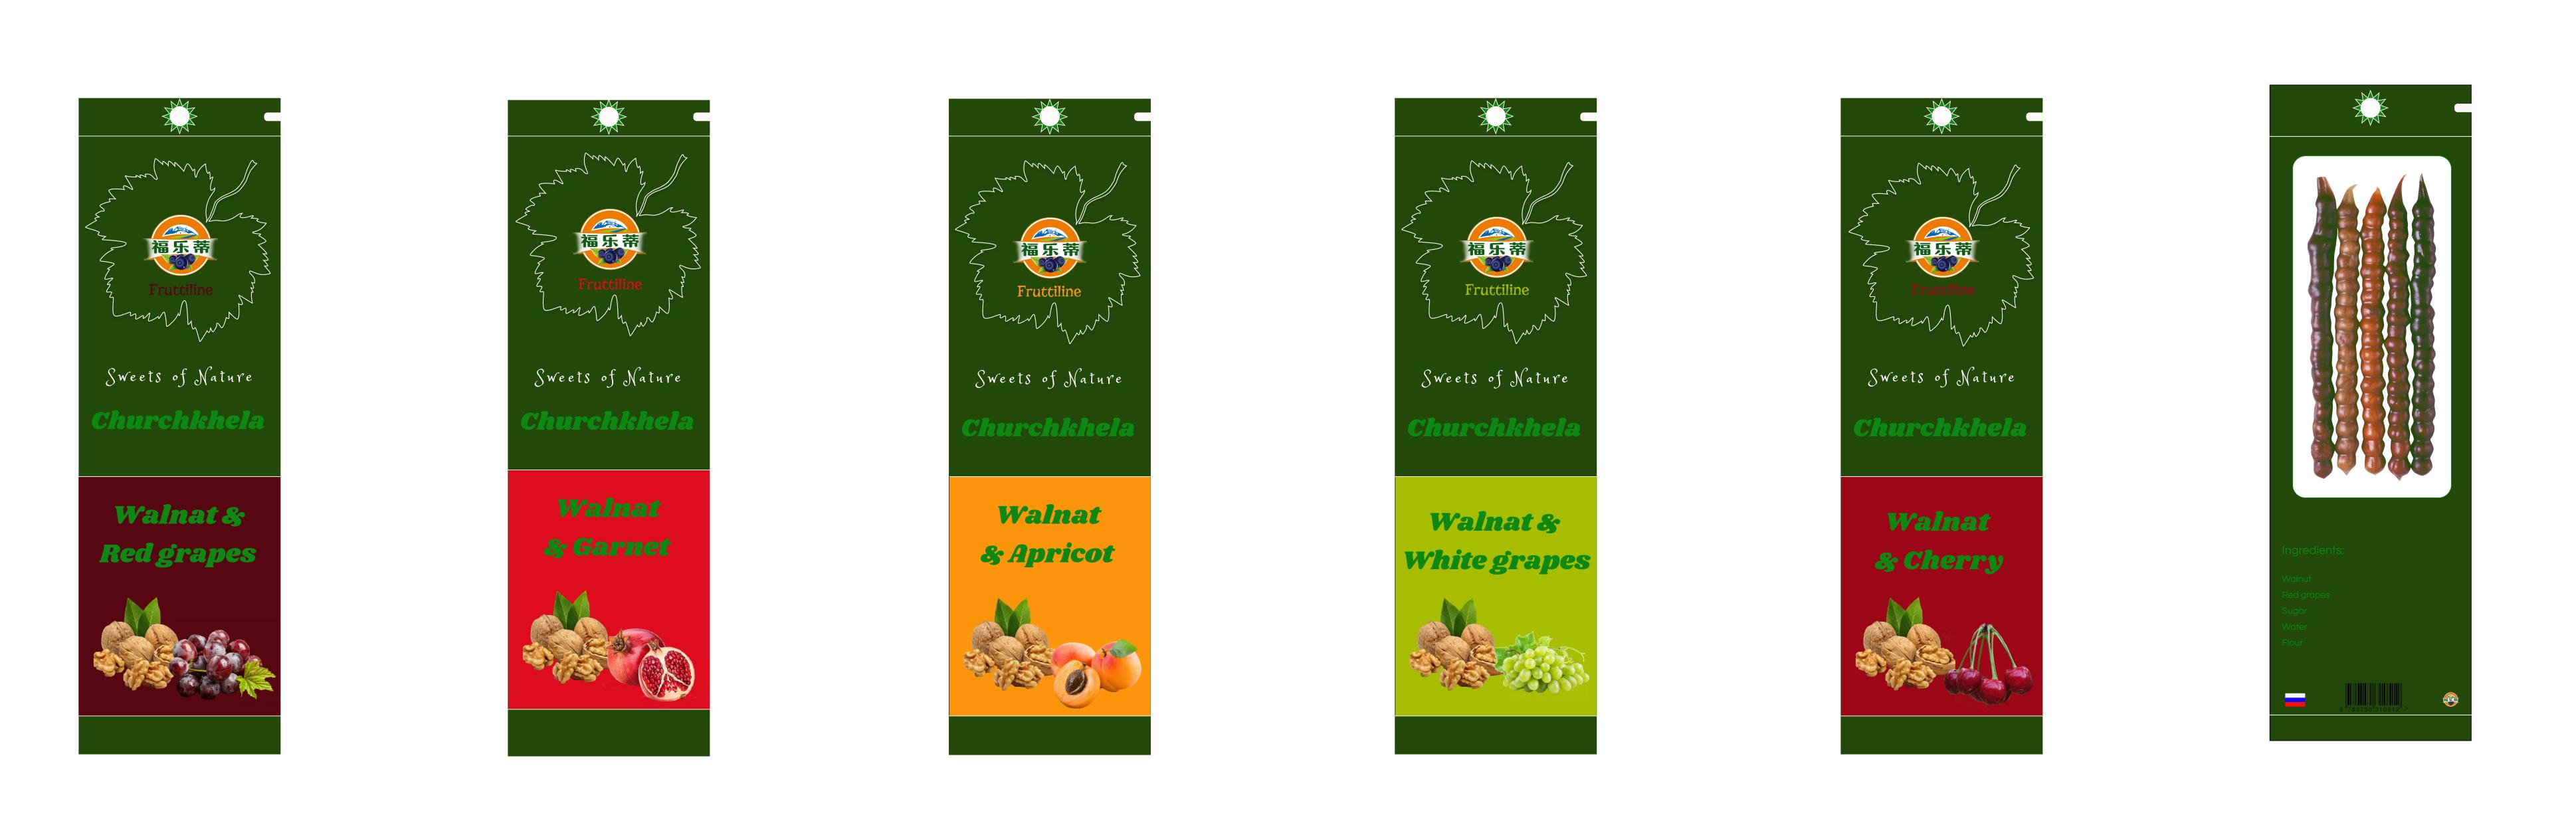 Дизайн упаквоки снеков для рынка Азии (Китай) фото f_3925f0d3d356d21d.jpg